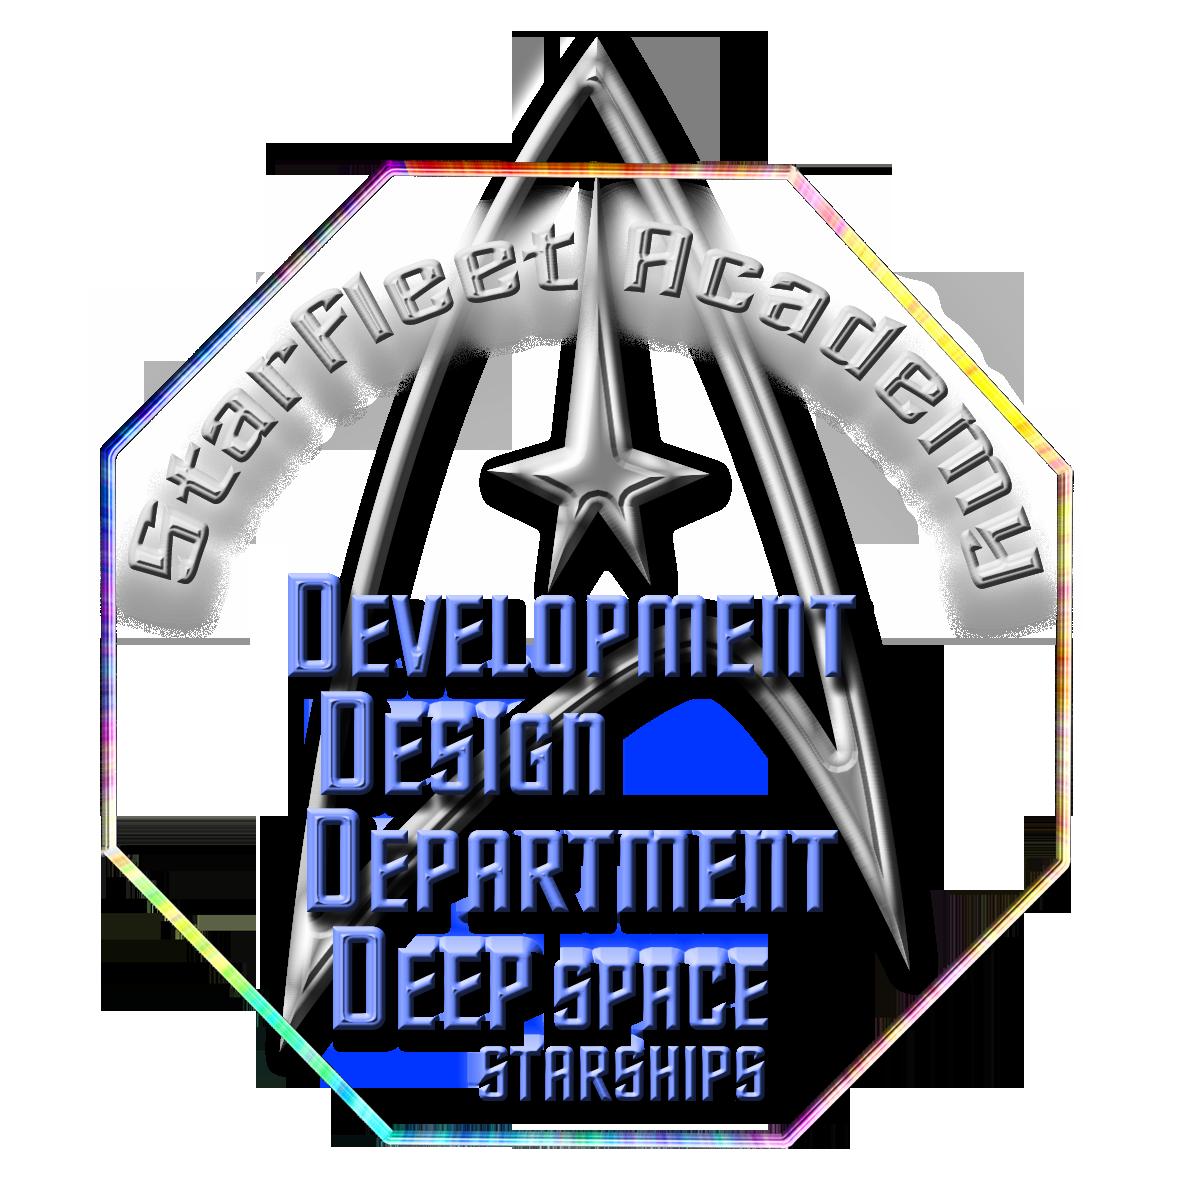 4D Development Design Department Deep Space Starships Starfleet Academy